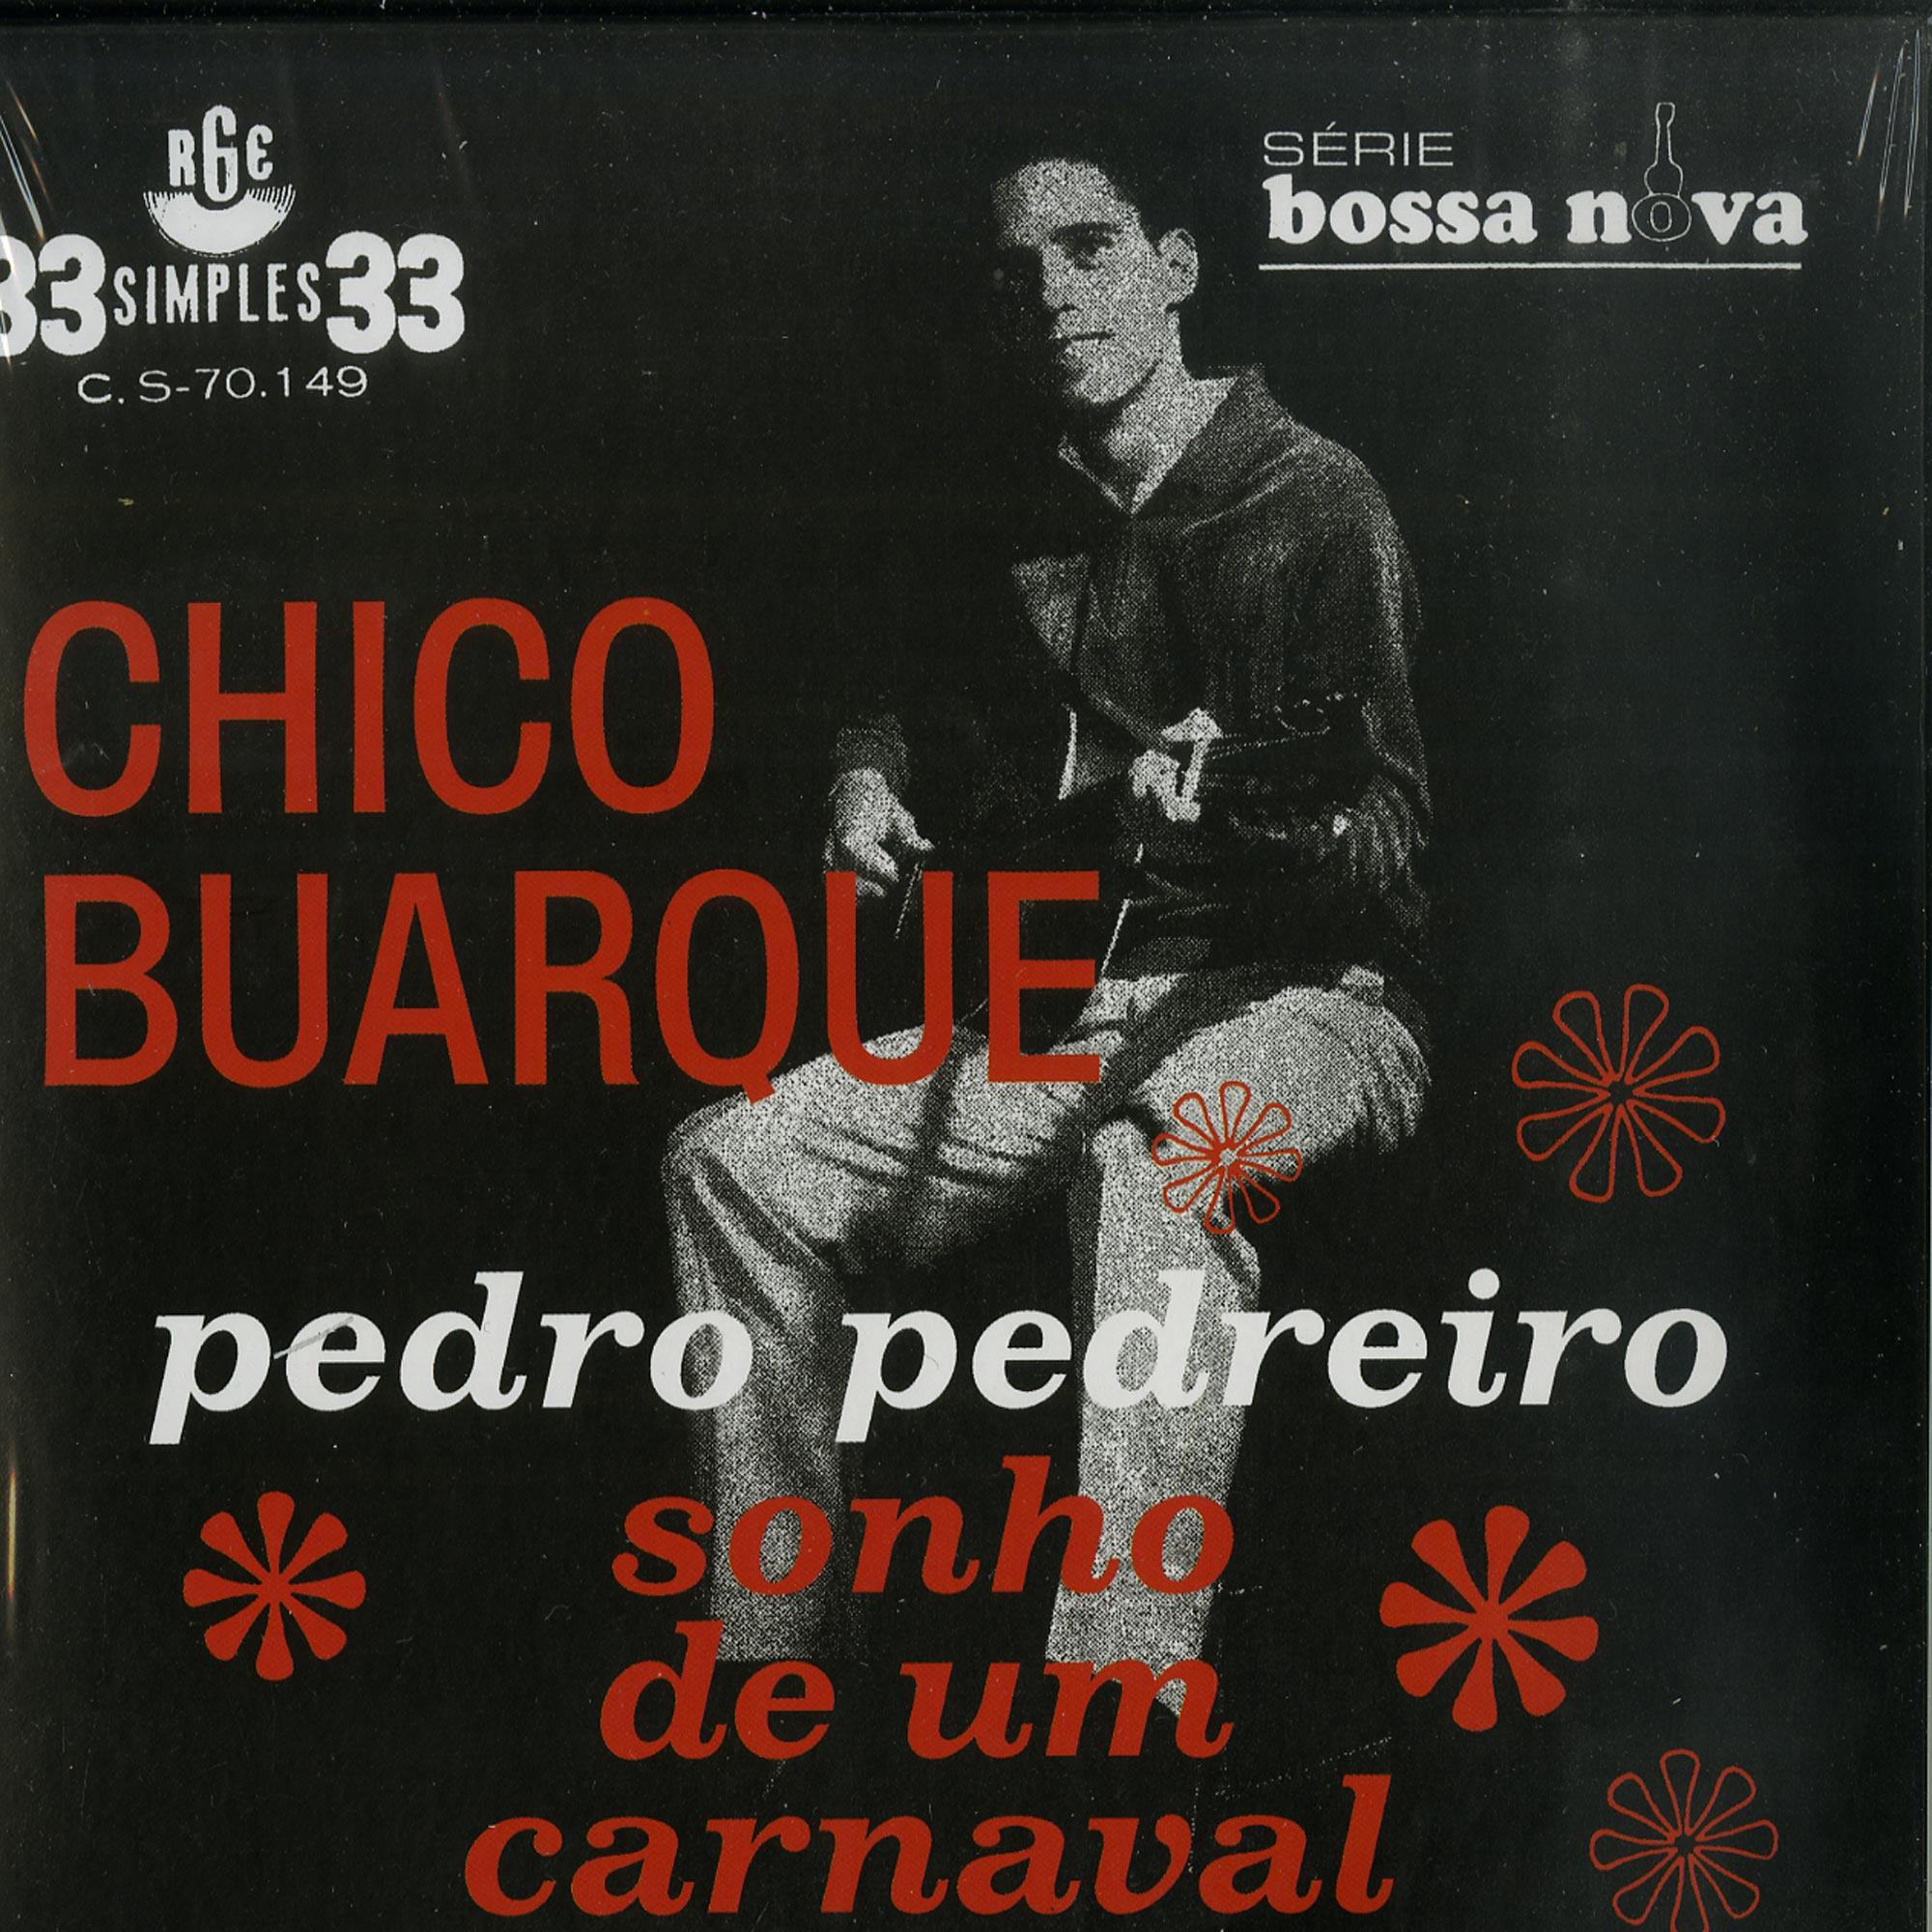 Chico Buarque De Hollanda - PEDRO PEDREIRO / SONHO DE UM CARNAVAL